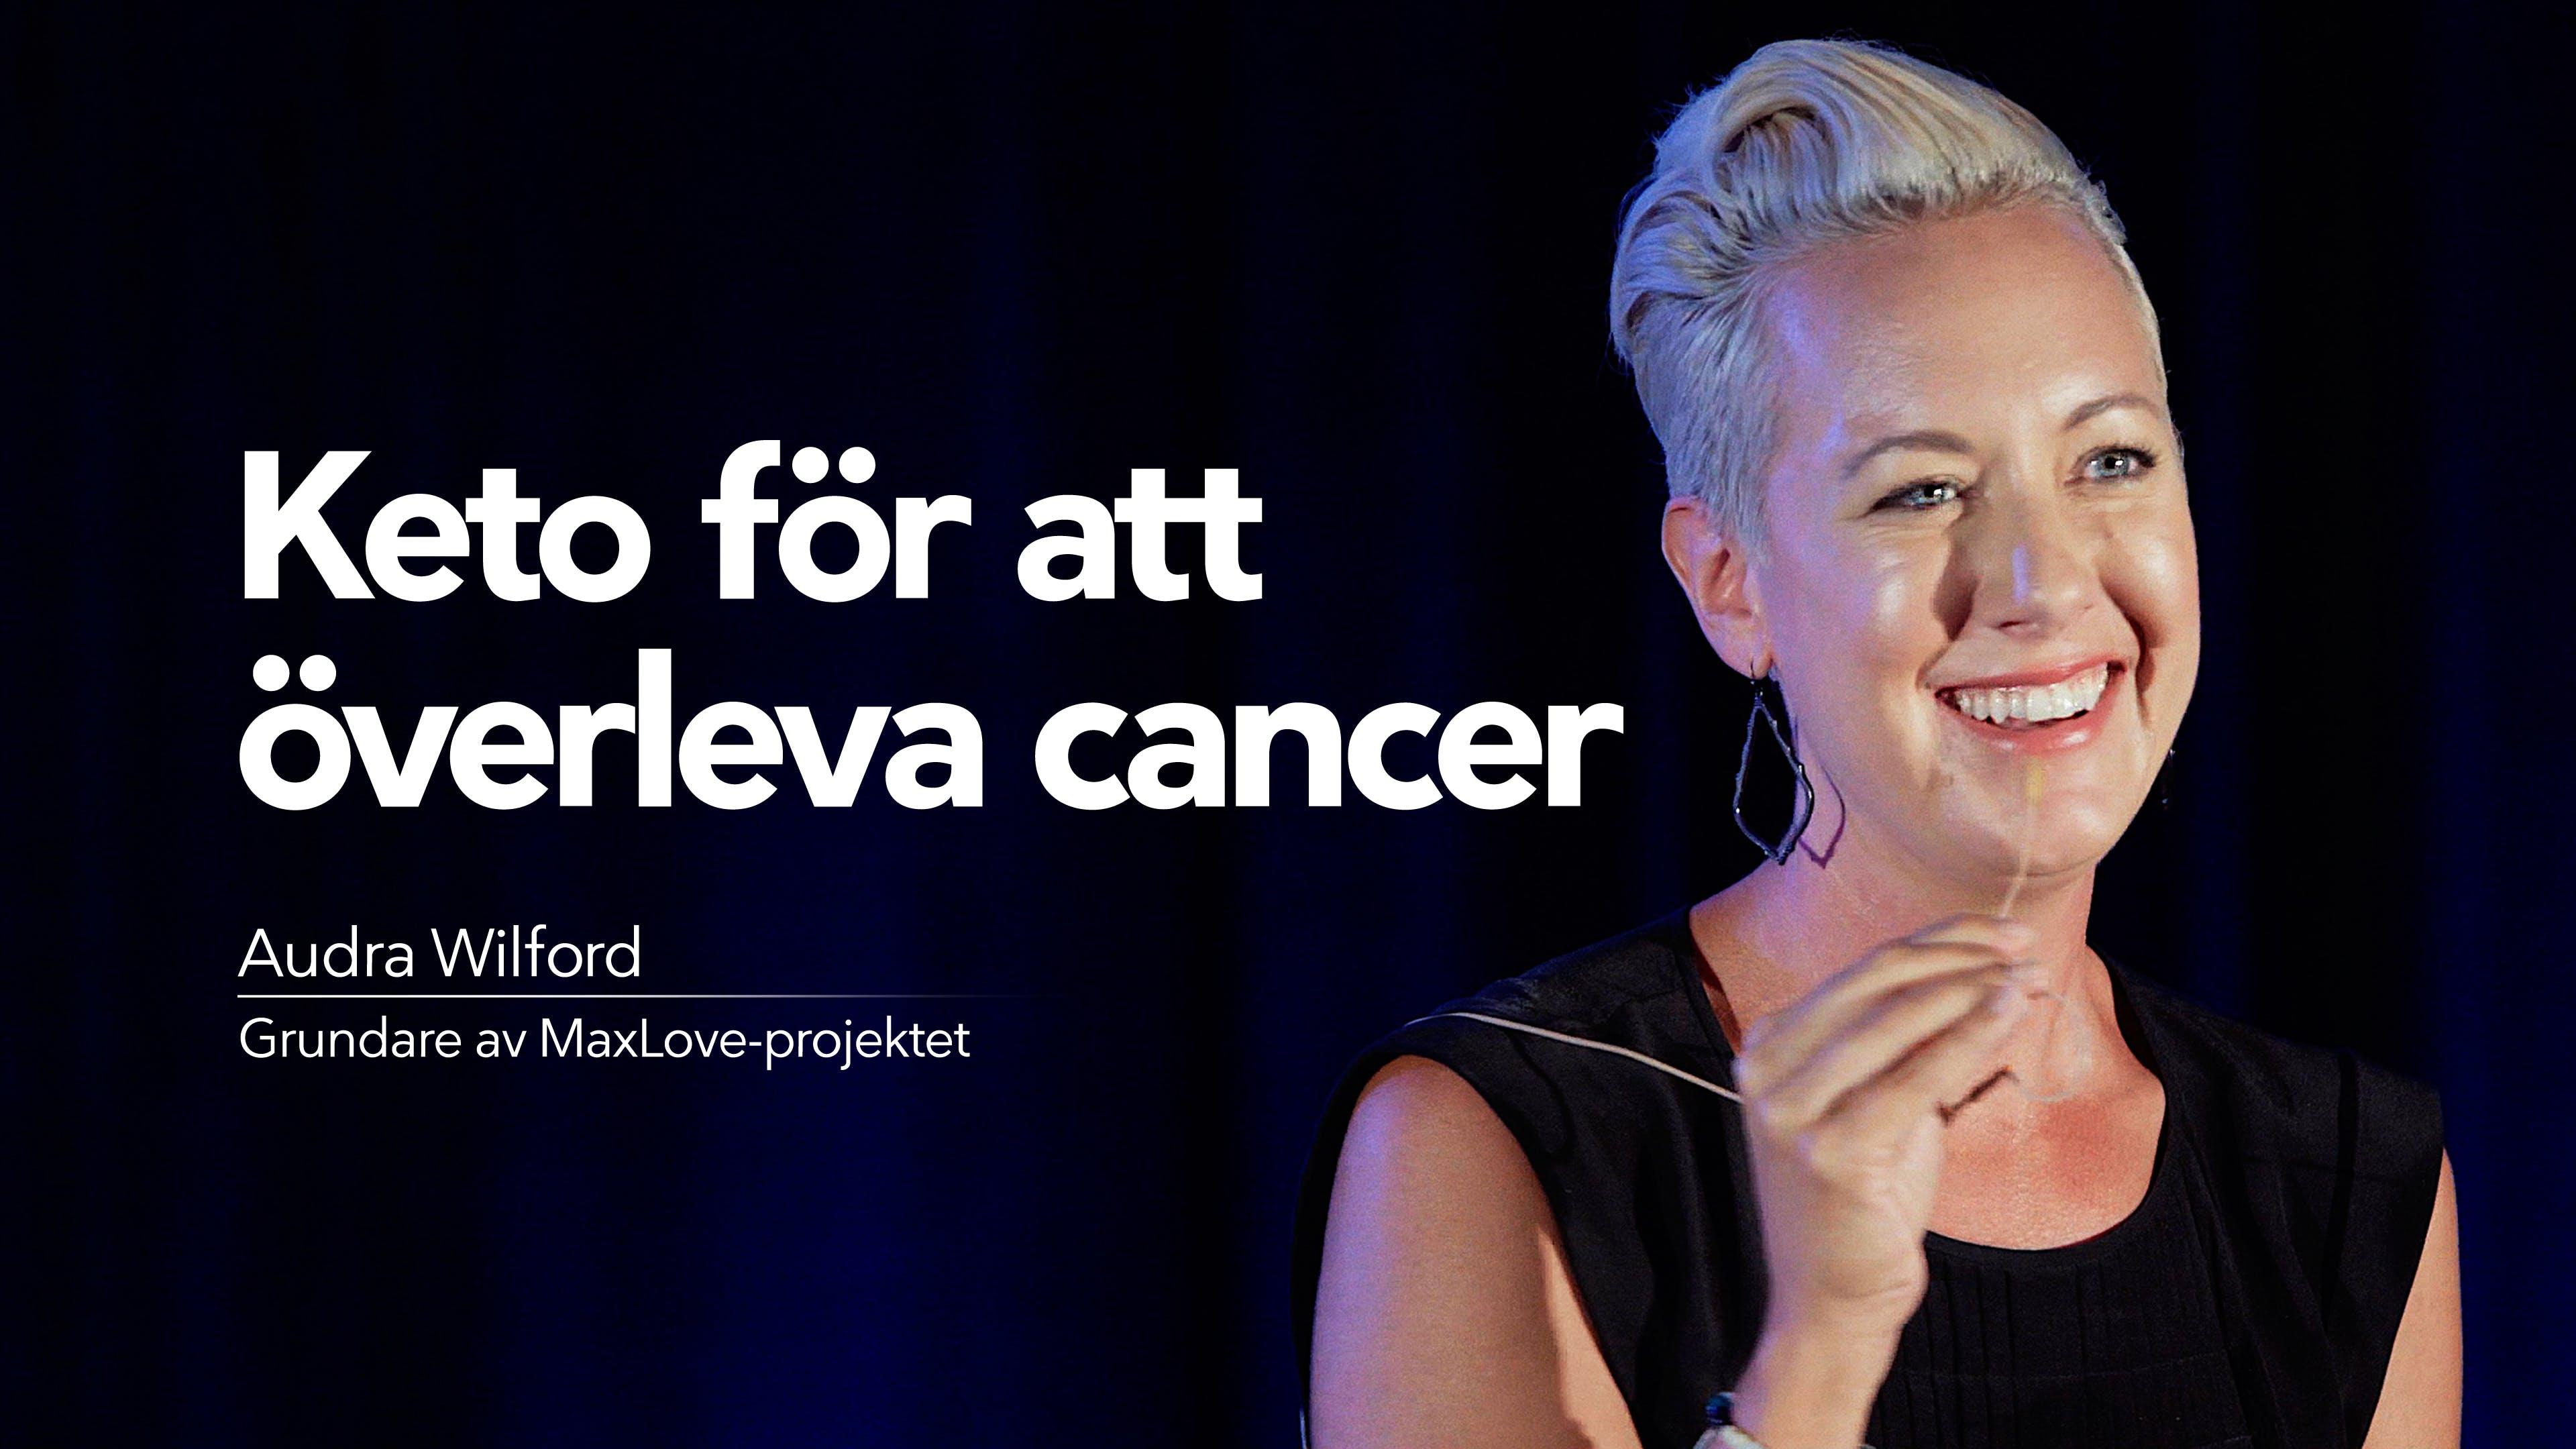 Keto för att överleva cancer